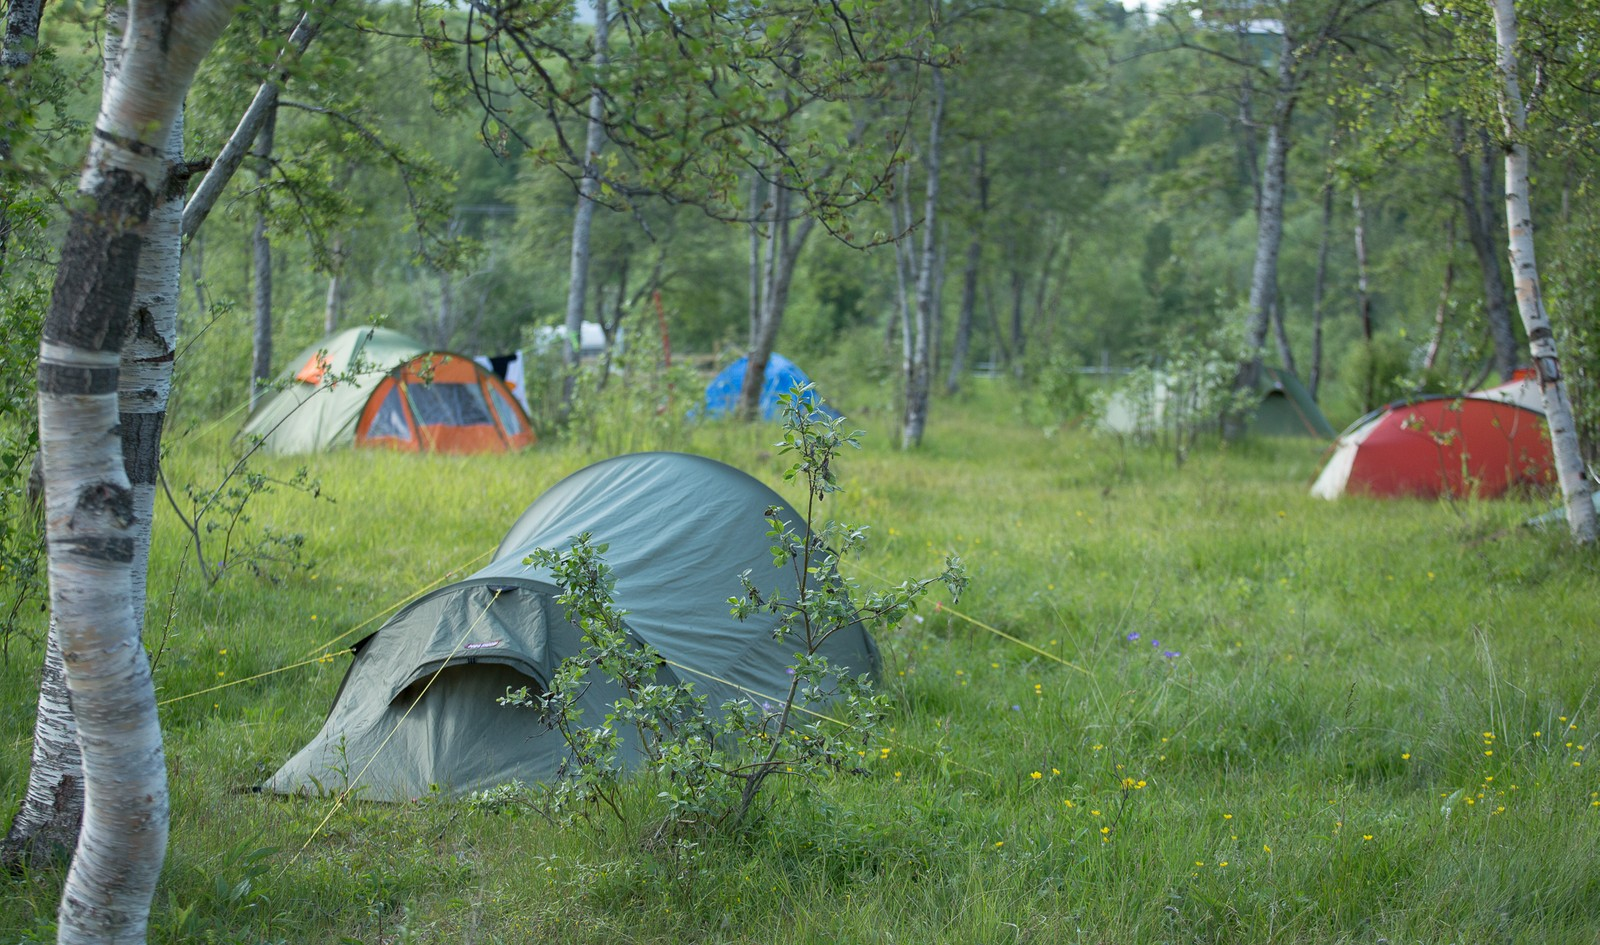 Torsdag er den offisielle åpningen av festivalen, og det har begynt å samle seg telt på Riddu-sletta i Manndalen.